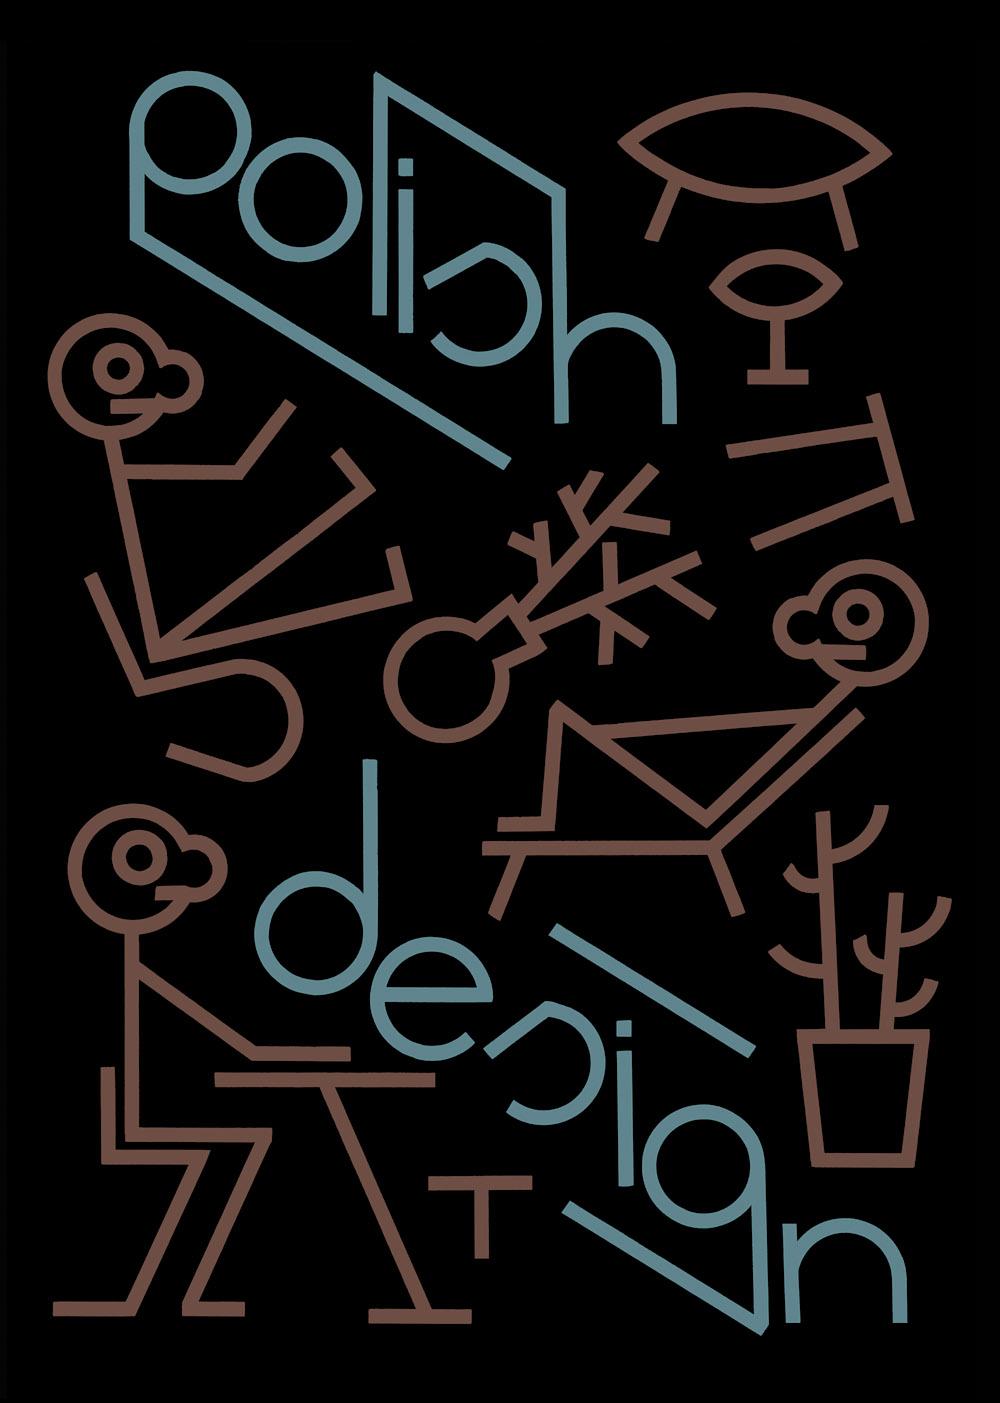 Patryk Mogilnicki_Polish Design_hrs